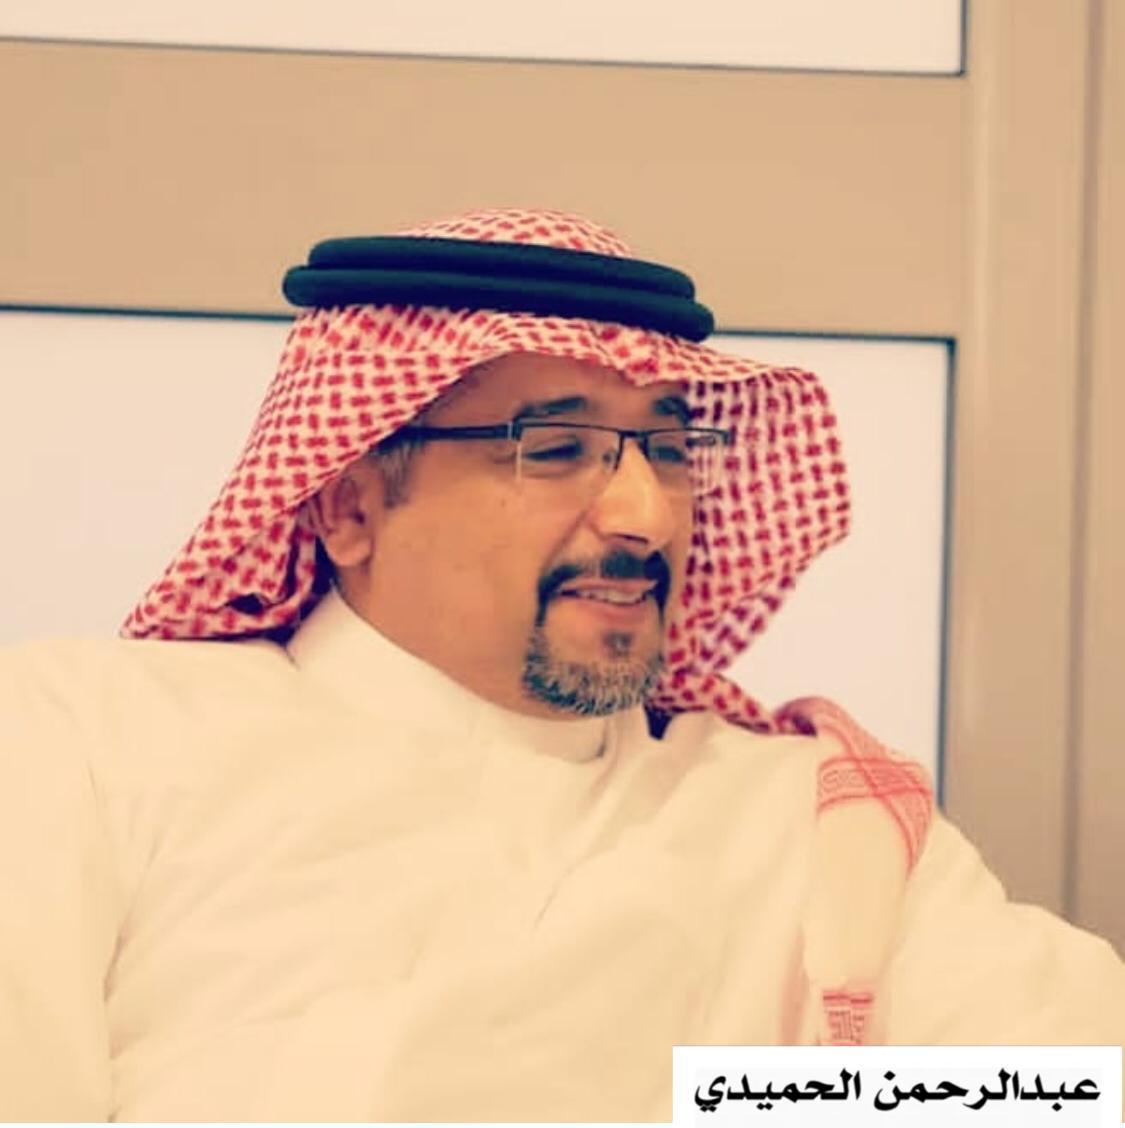 """عبد الرحمن الحميدي يكتب """"كيف يحققون الميداليات الذهبية واحدة تلو الأخرى؟"""""""